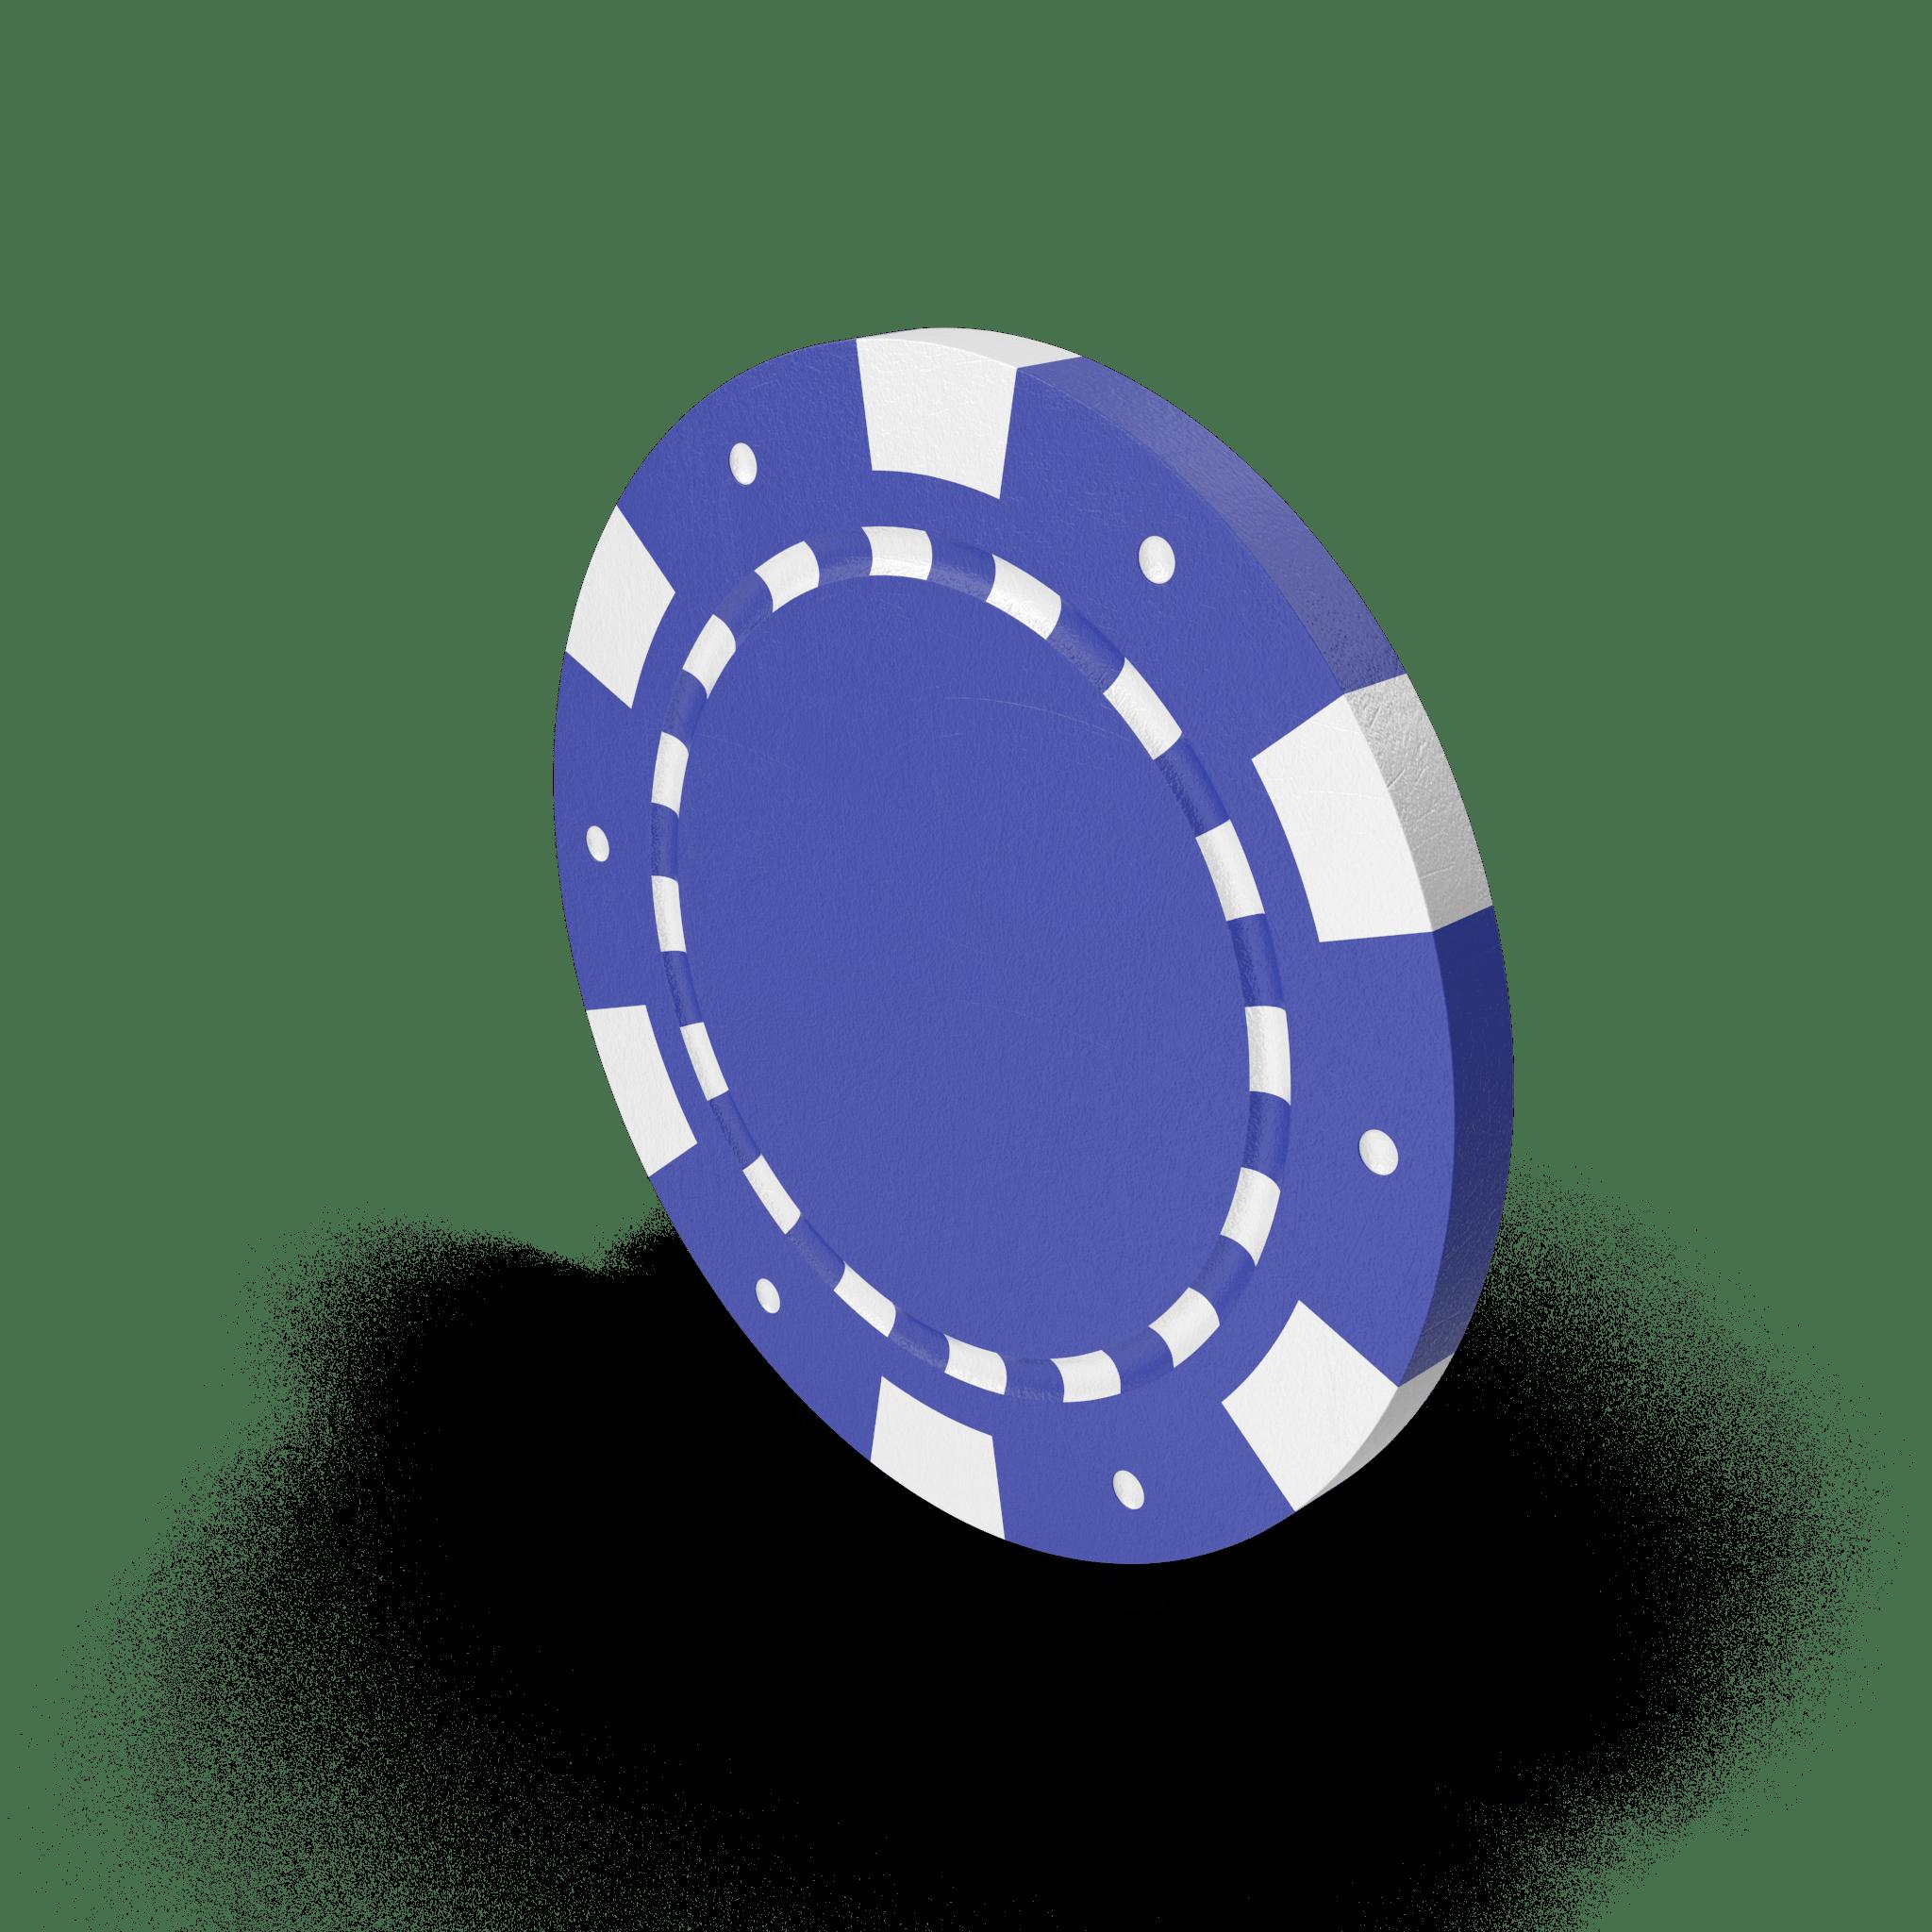 Devrais-je investir dans les blue chips ?